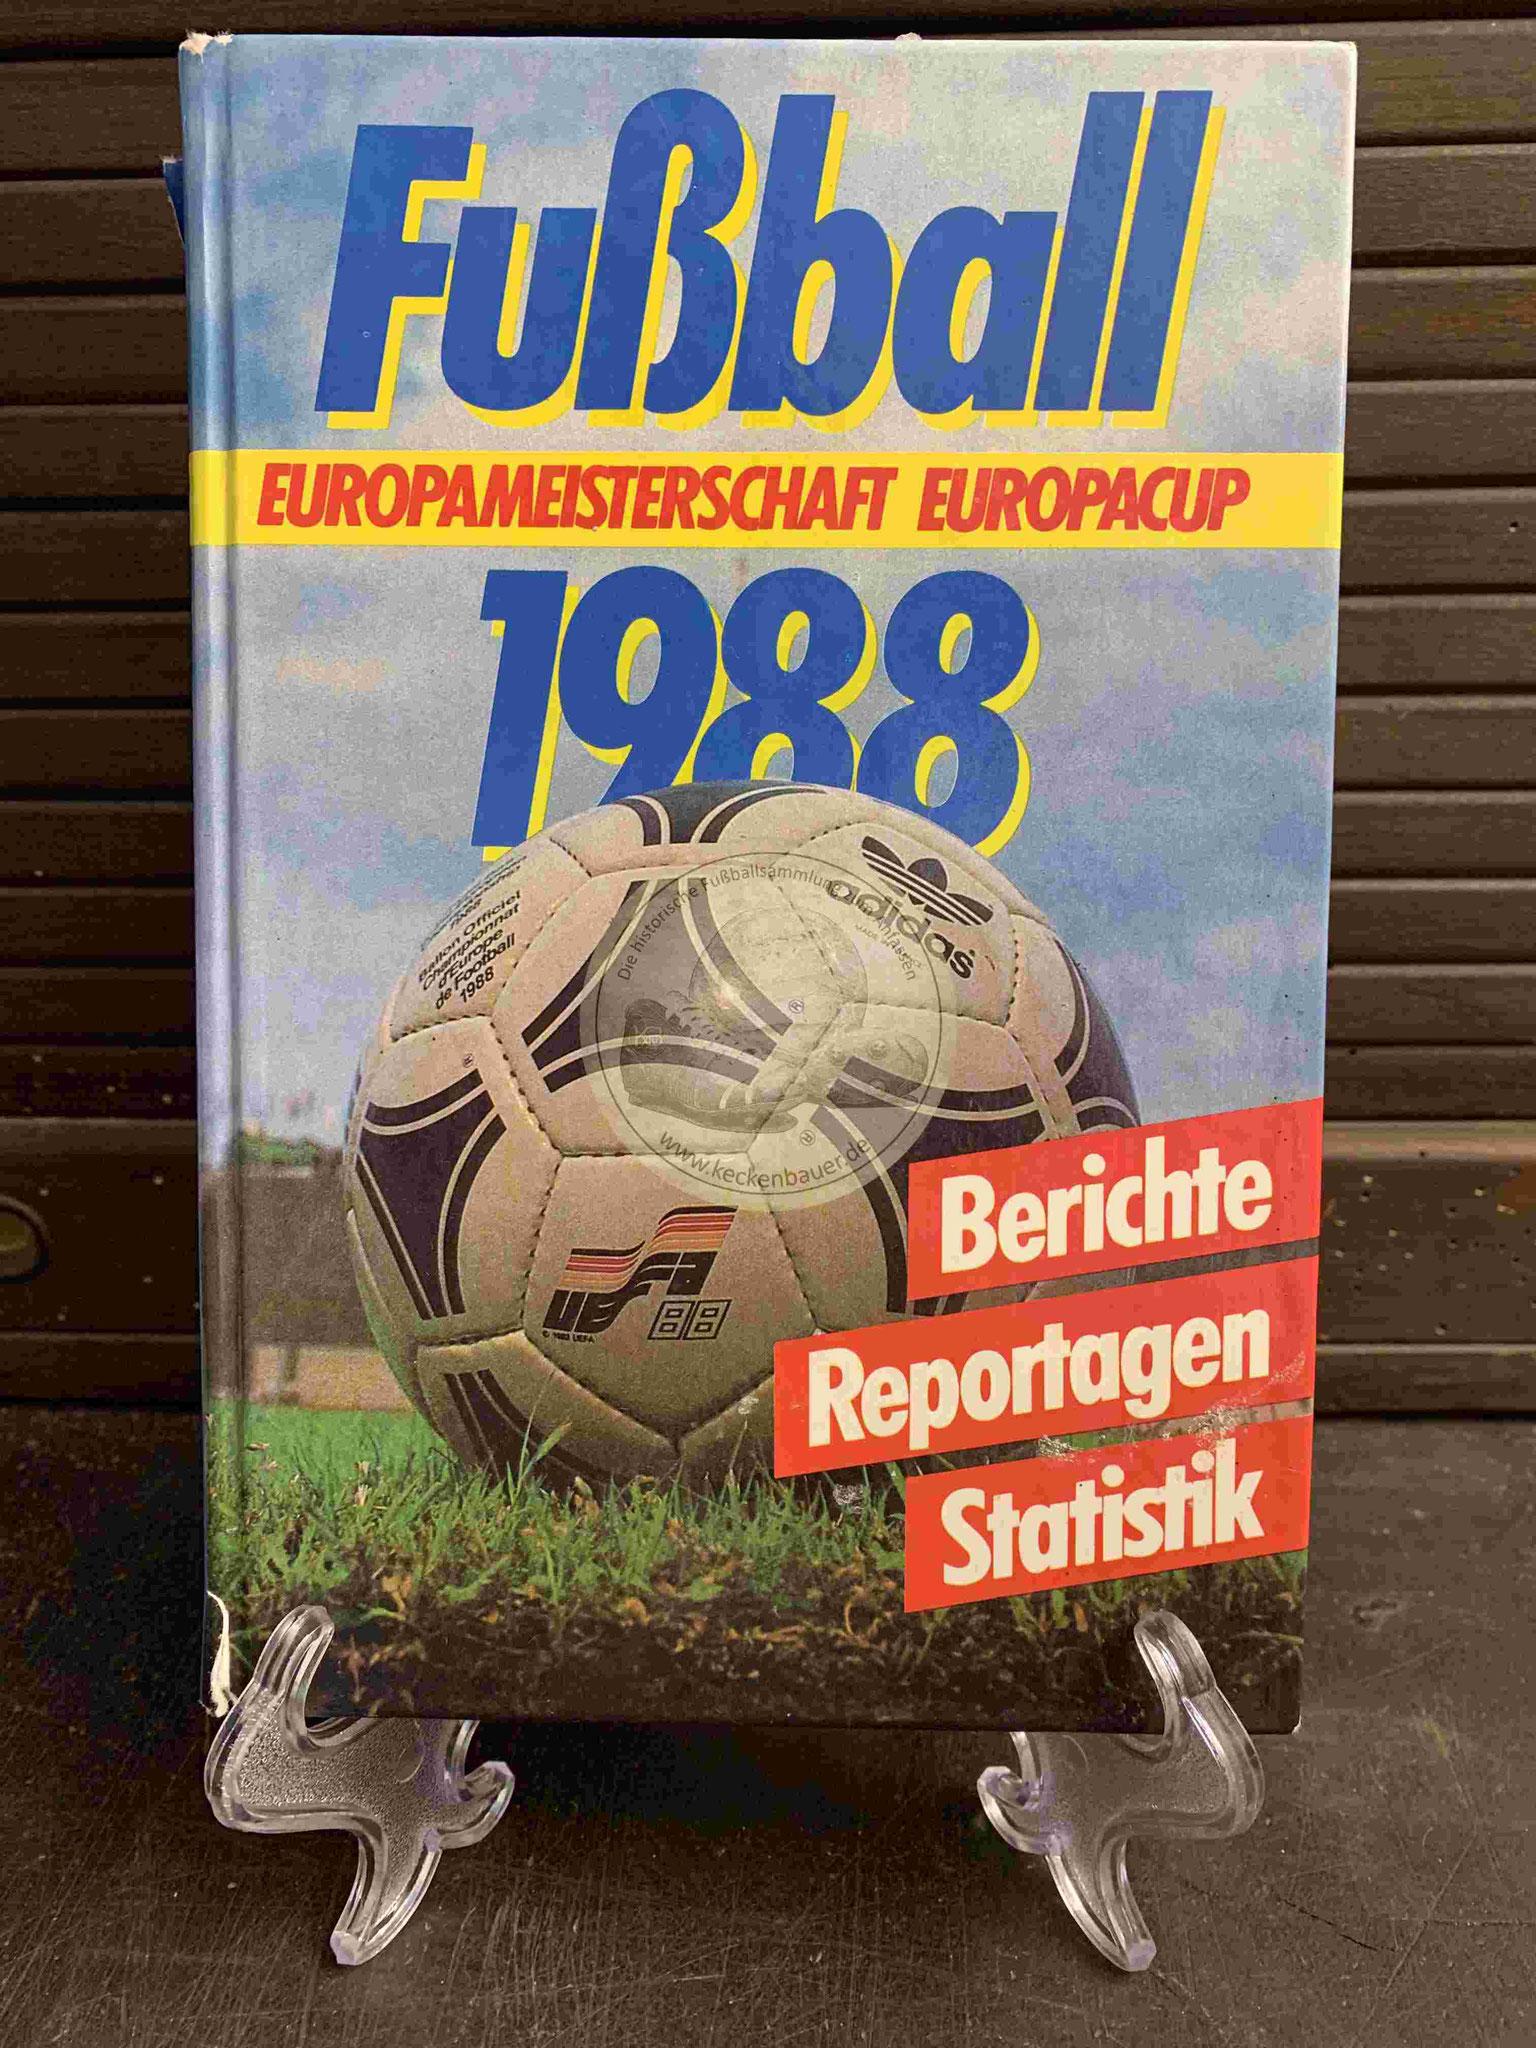 Fußball Europameisterschaft Eurocup 1988